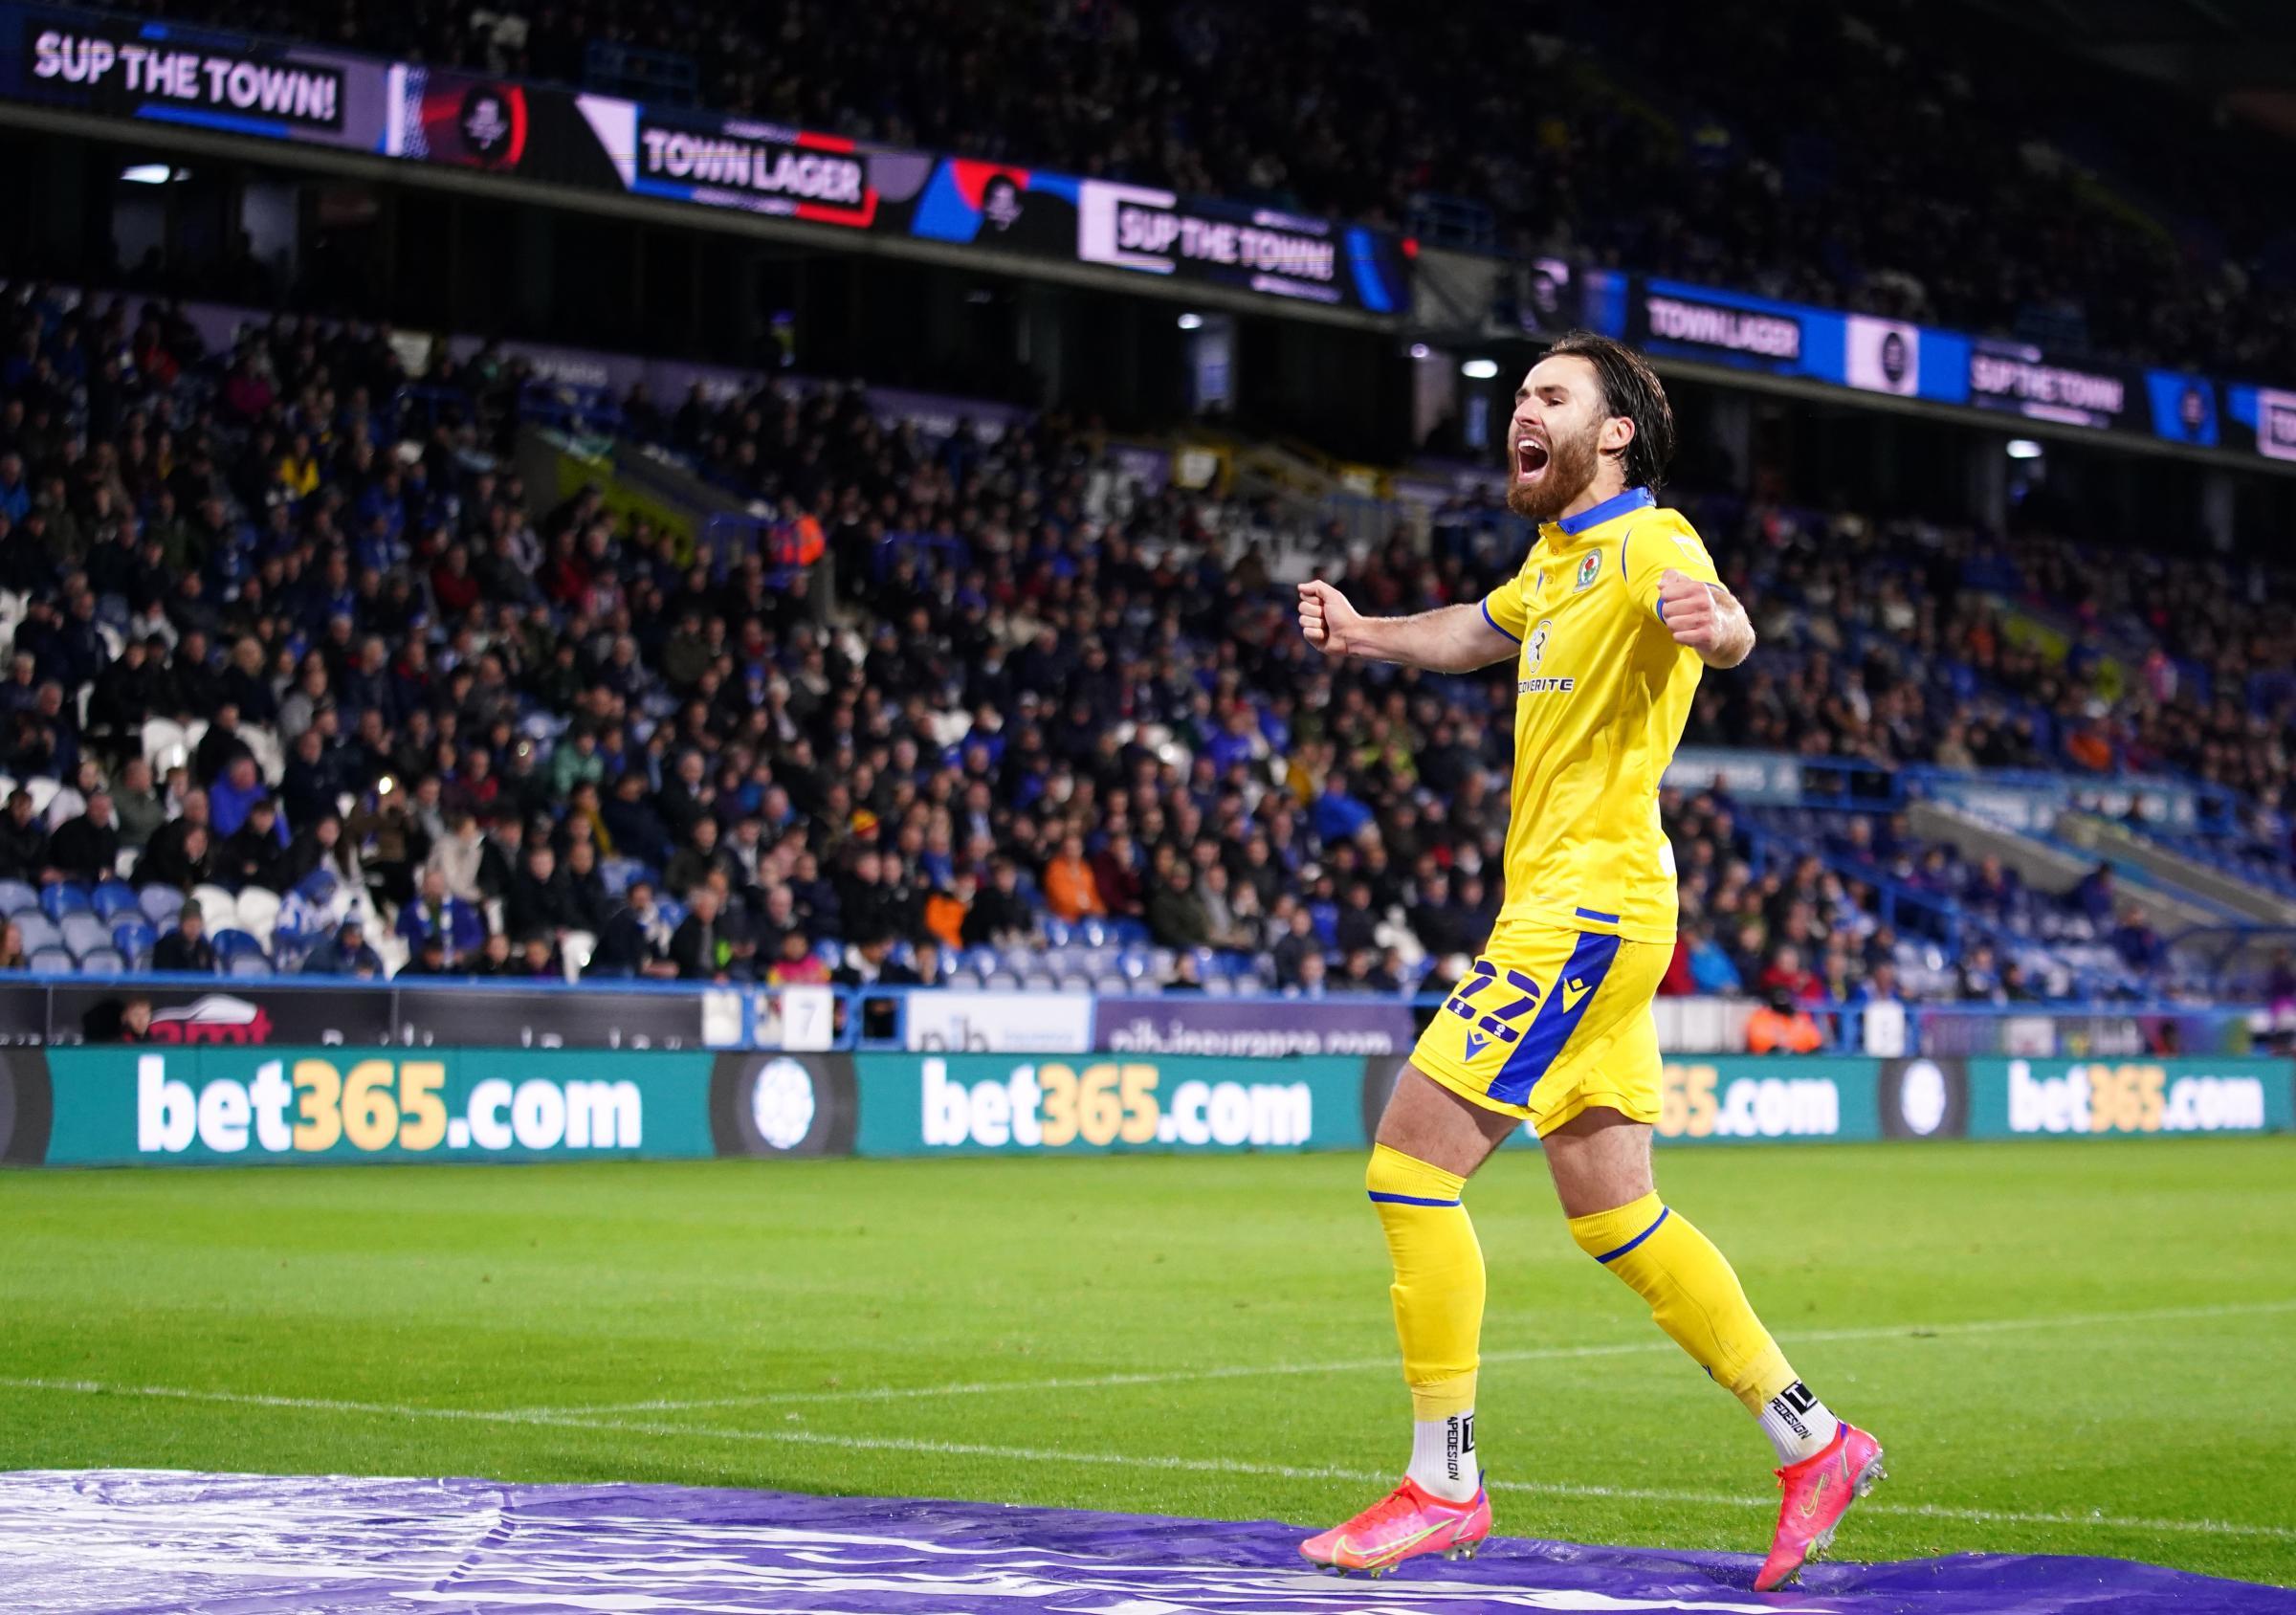 Ben Brereton feliz con el compromiso de Blackburn Rovers y Chile